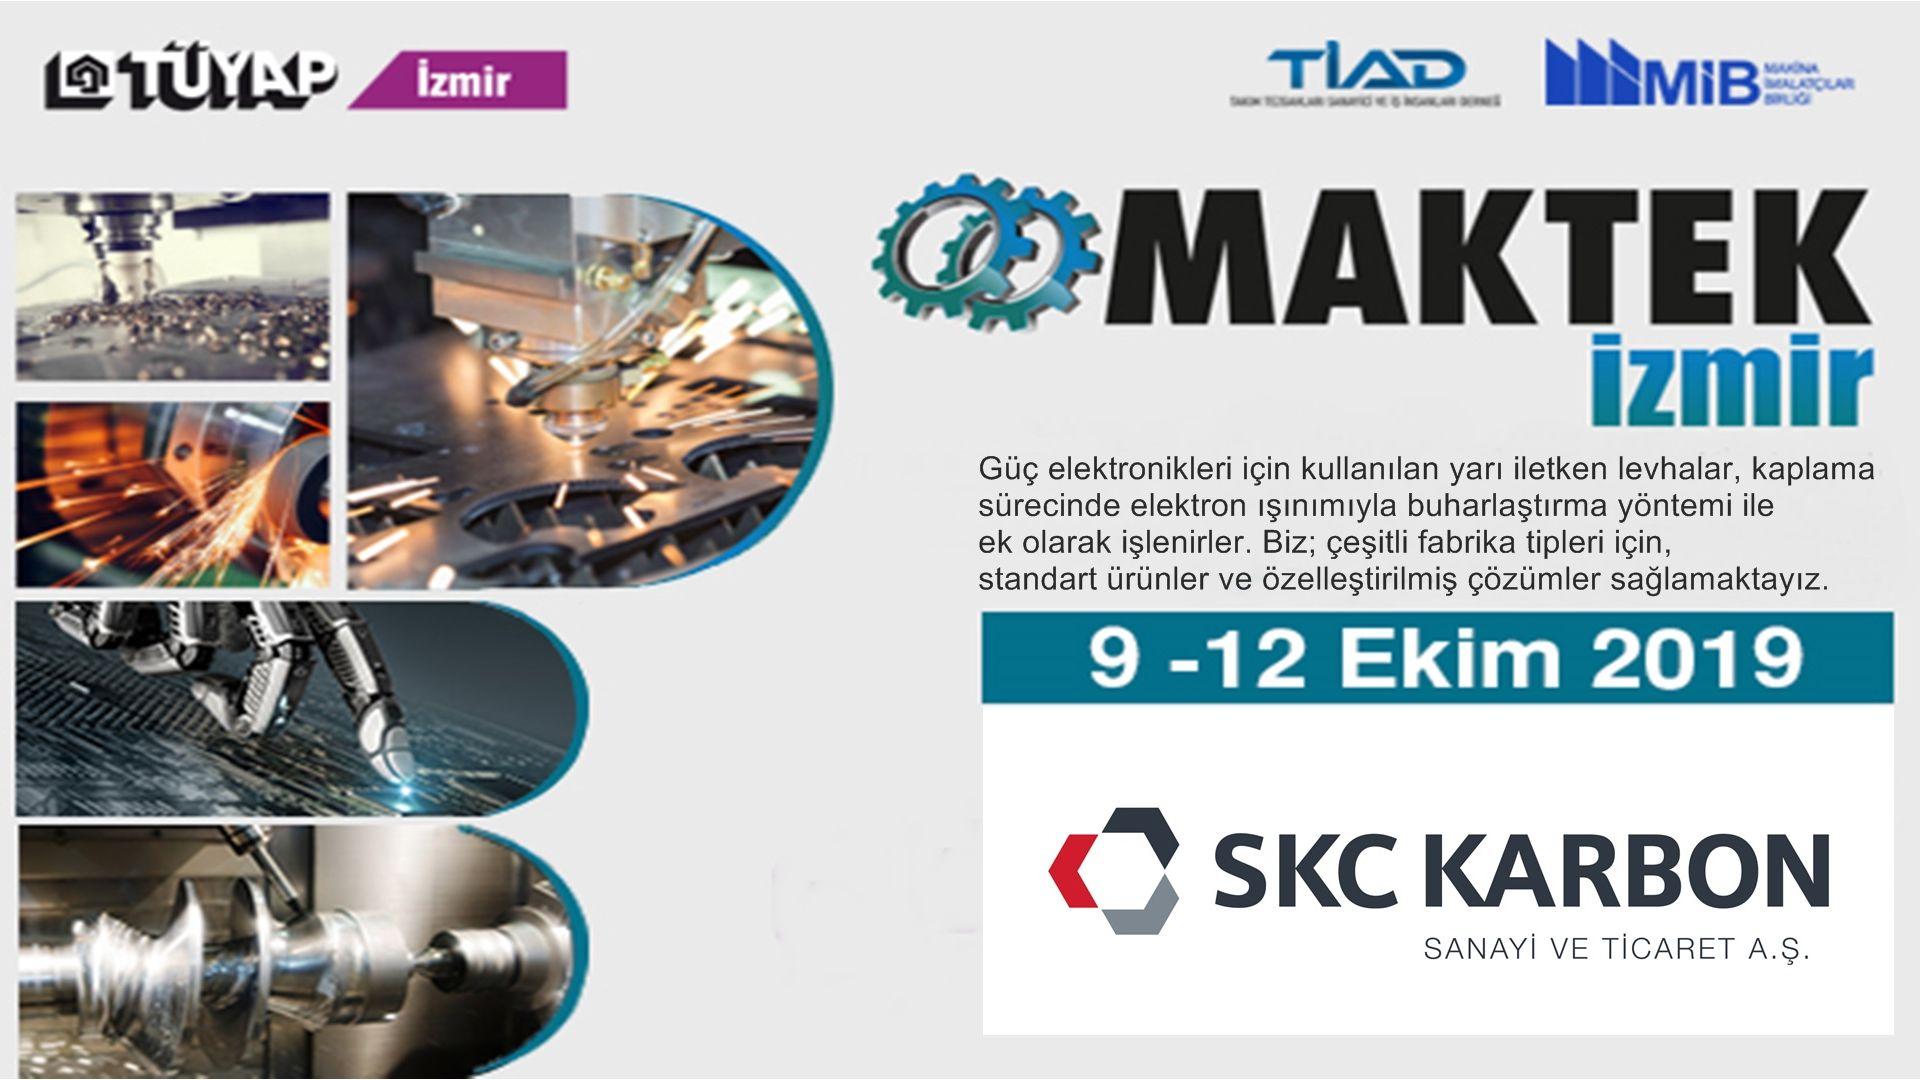 SKC will meet with the machinery sector at Maktek Izmir Fair